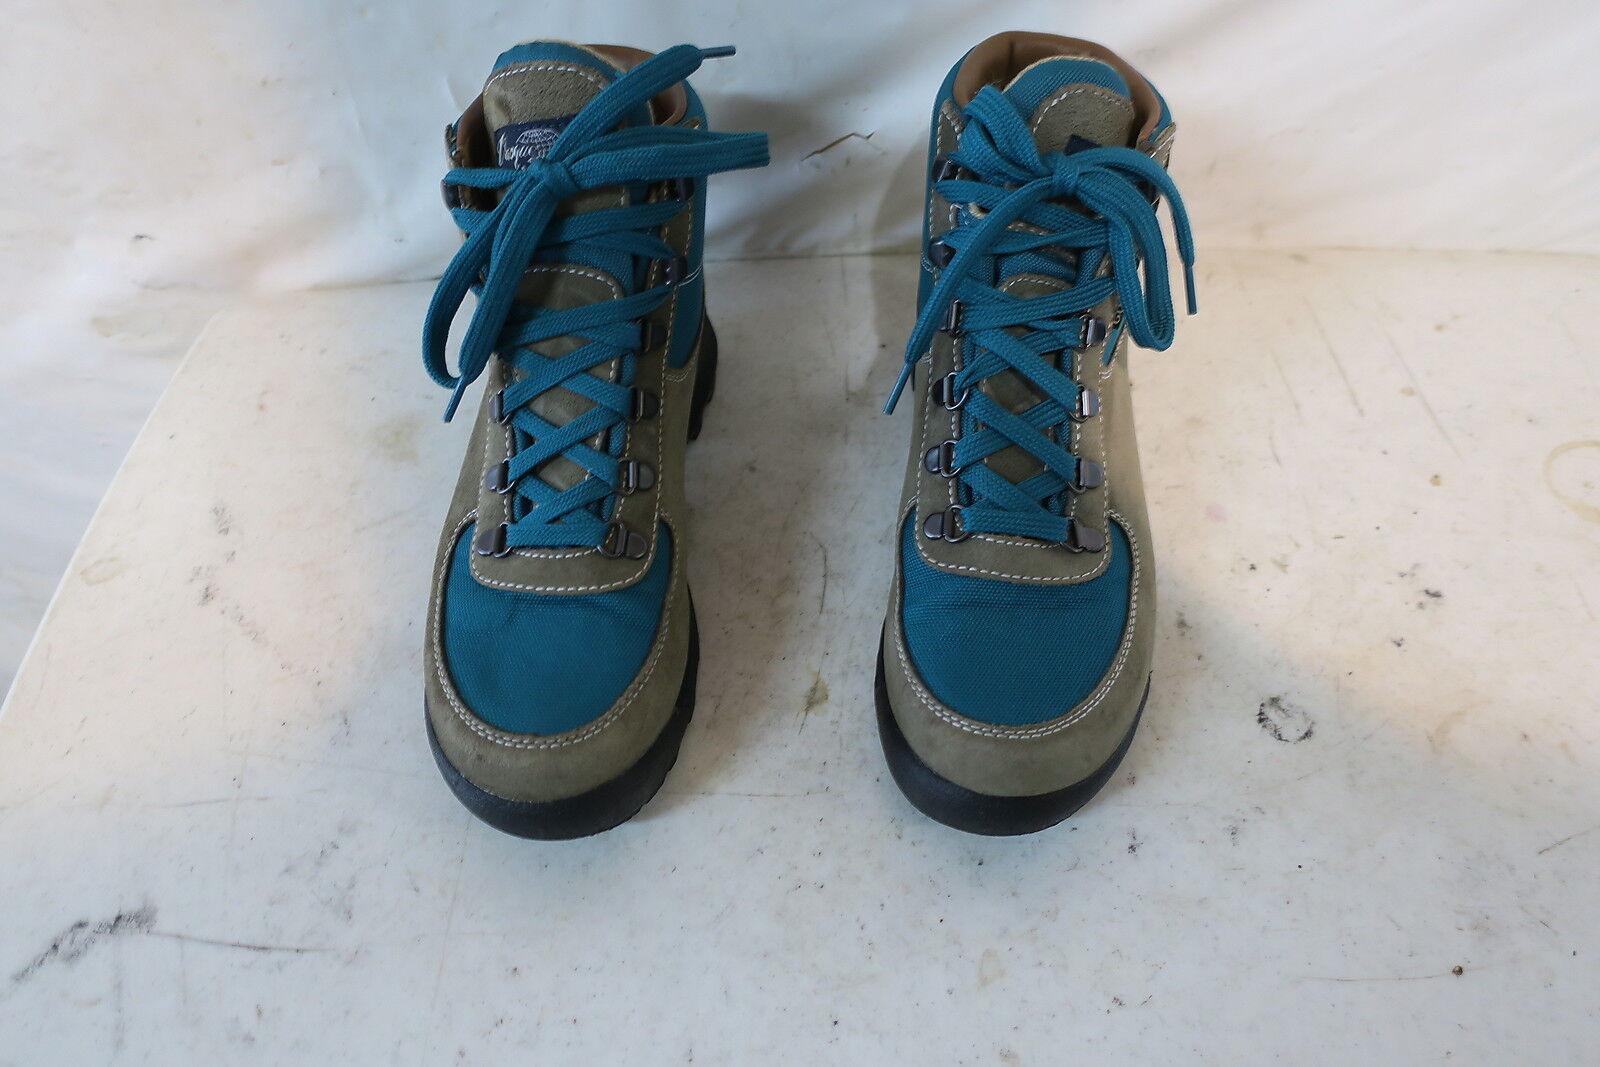 Vasque GTX Hiking Boot - Women\'s 41.5 US 10.0 Sage Everglade Retail ...